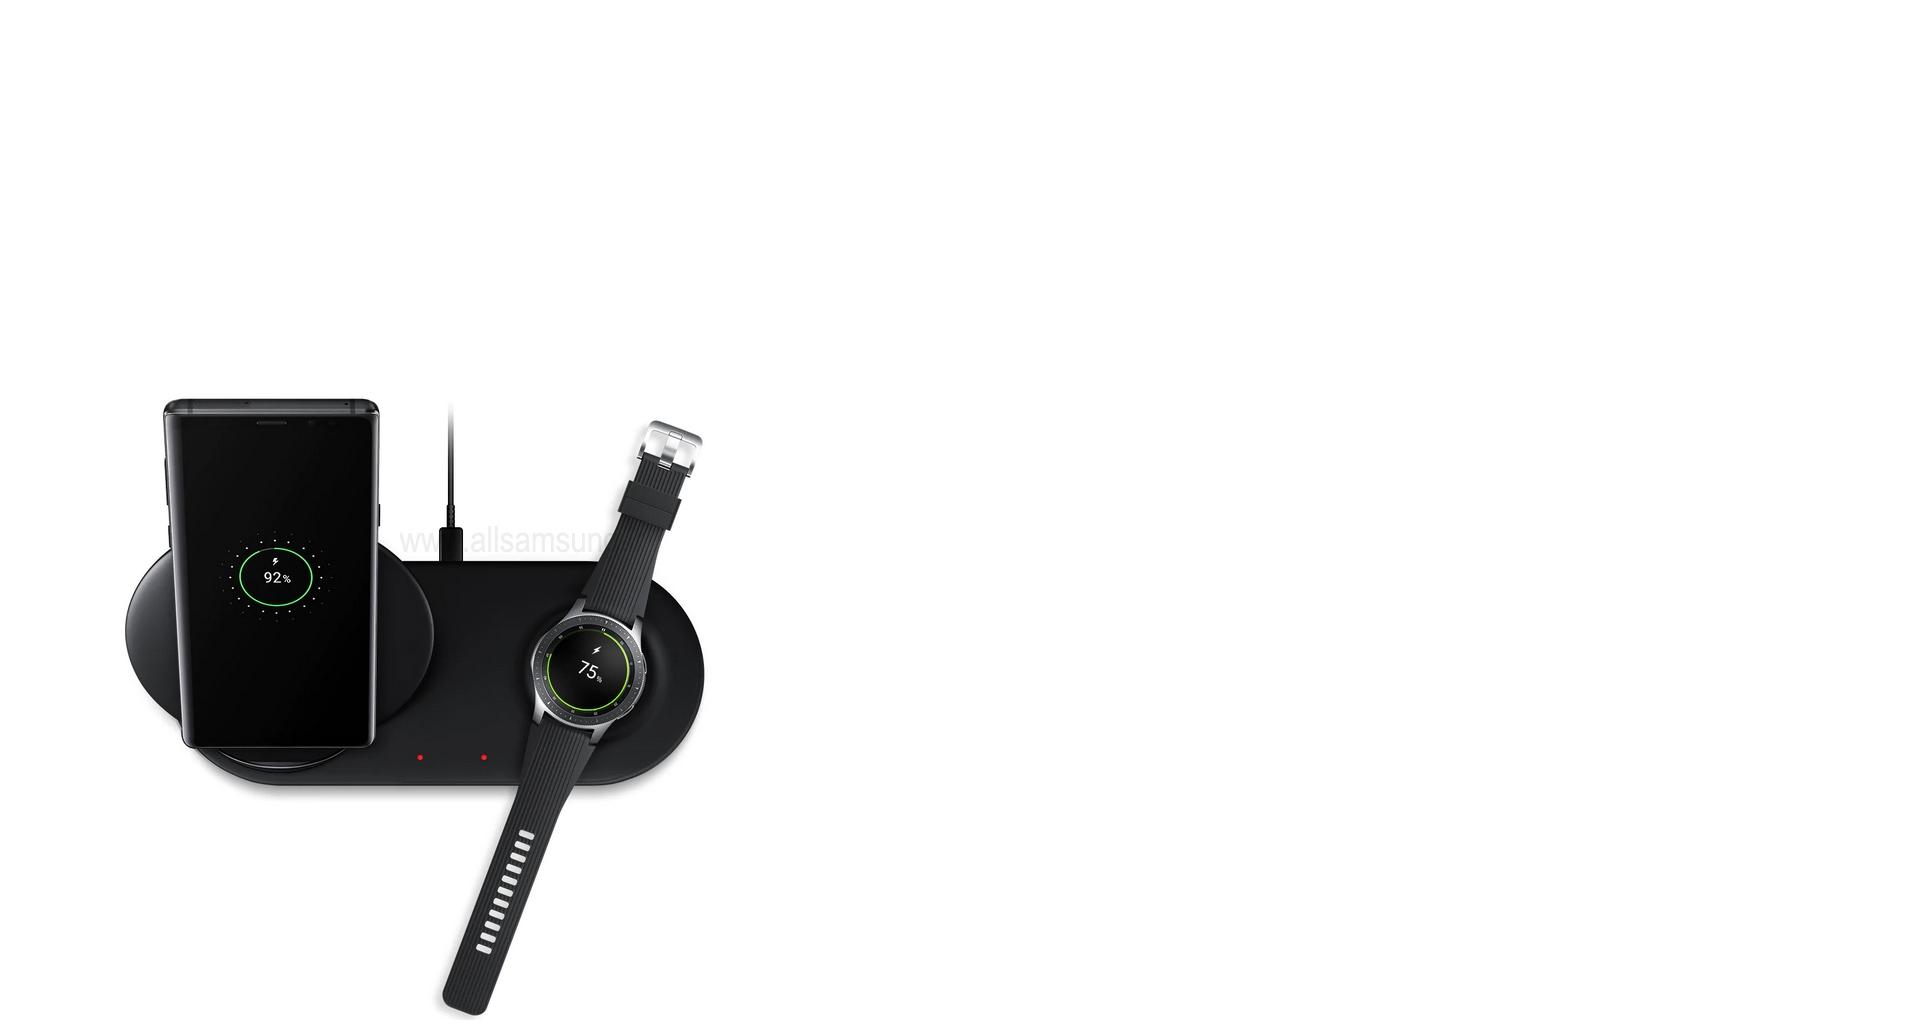 شارژر بی سیم Duo سامسونگ، قابل استفاده برای دستگاه های مختلف